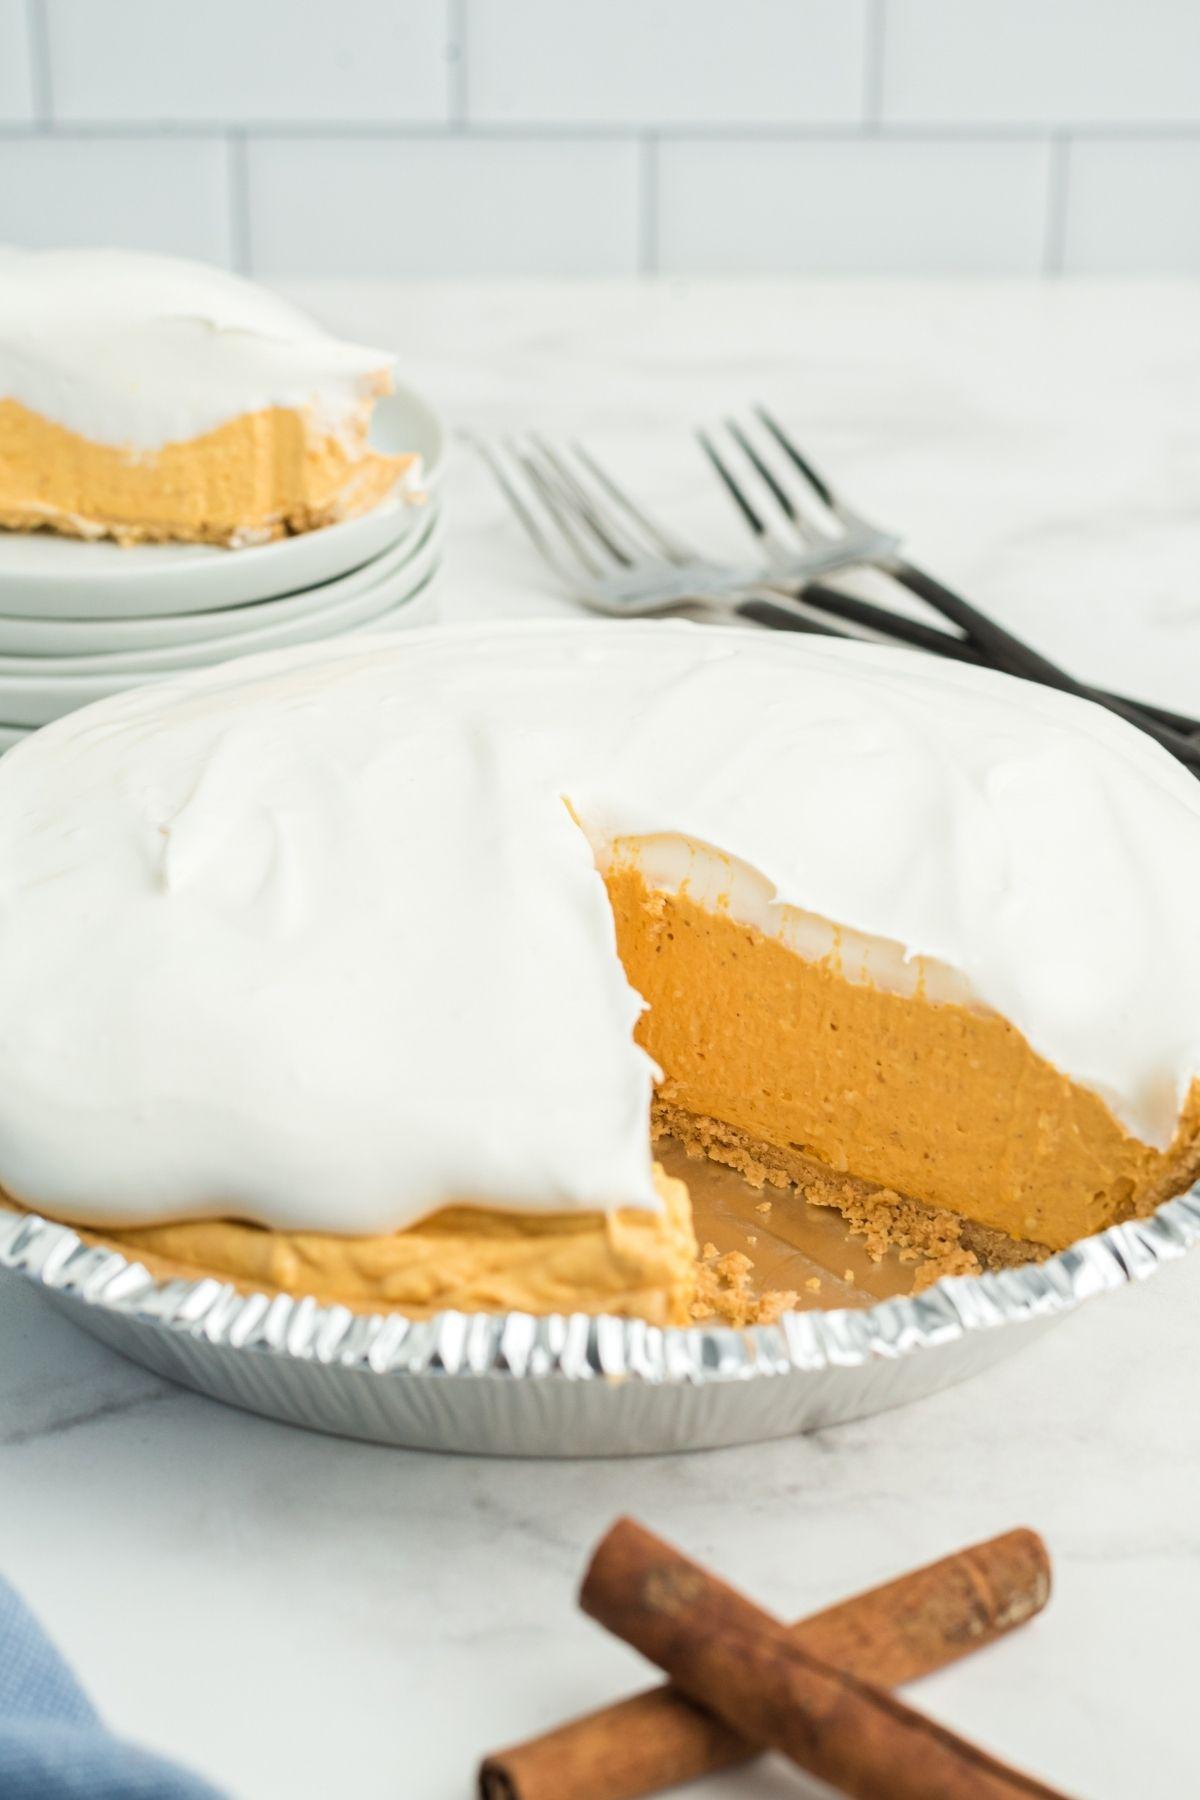 slice of pumpkin pie taken out of whole pie